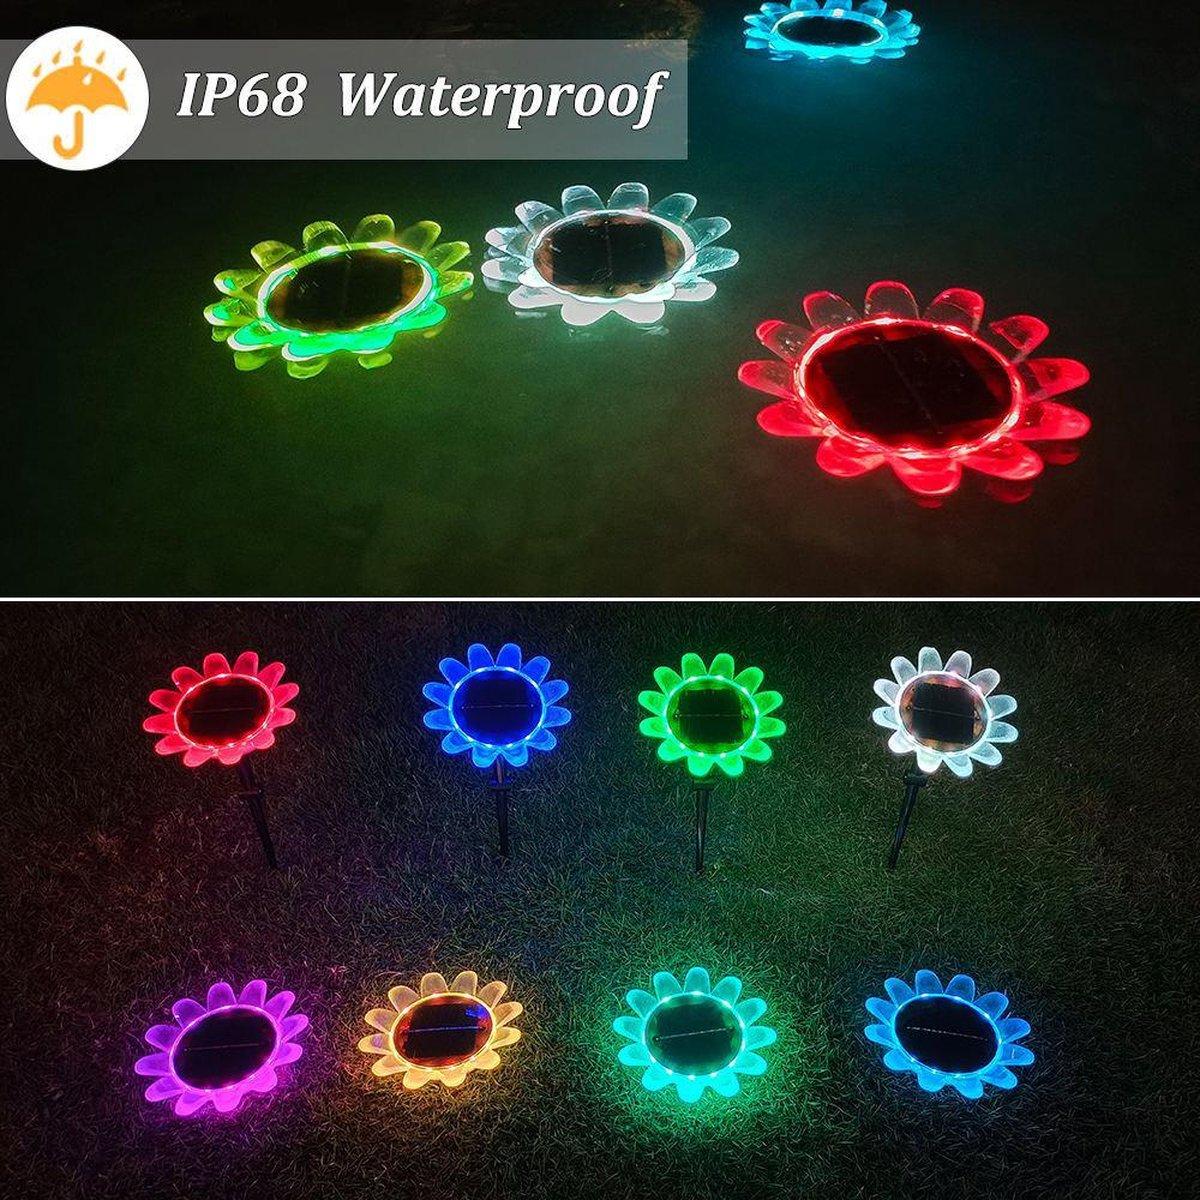 2 X zonne Zwembadverlichting | solar pool light |2 stuks| zwembad verlichting | zonne-zwembad licht | Led-lamp voor zwembadverlichting | drijvend zwembadlichthting | Waterbestendig licht + Afstandsbediening |